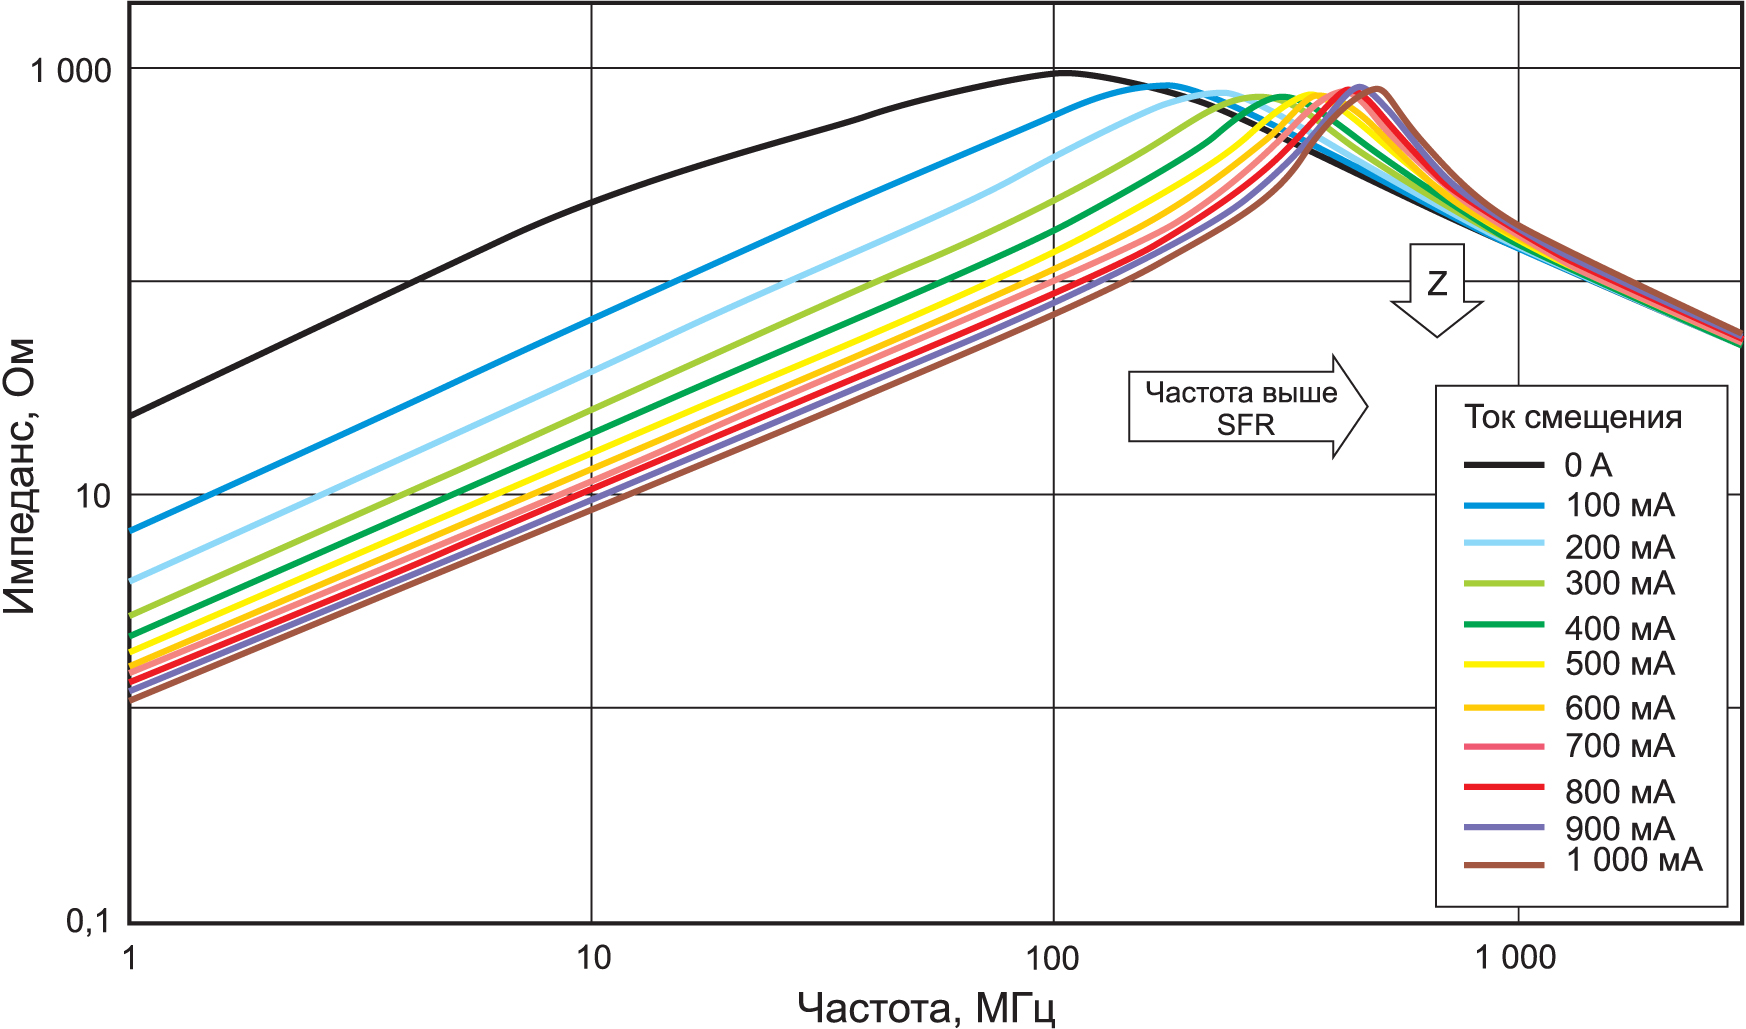 Частотные характеристики ферритовой бусины при разных токах смещения